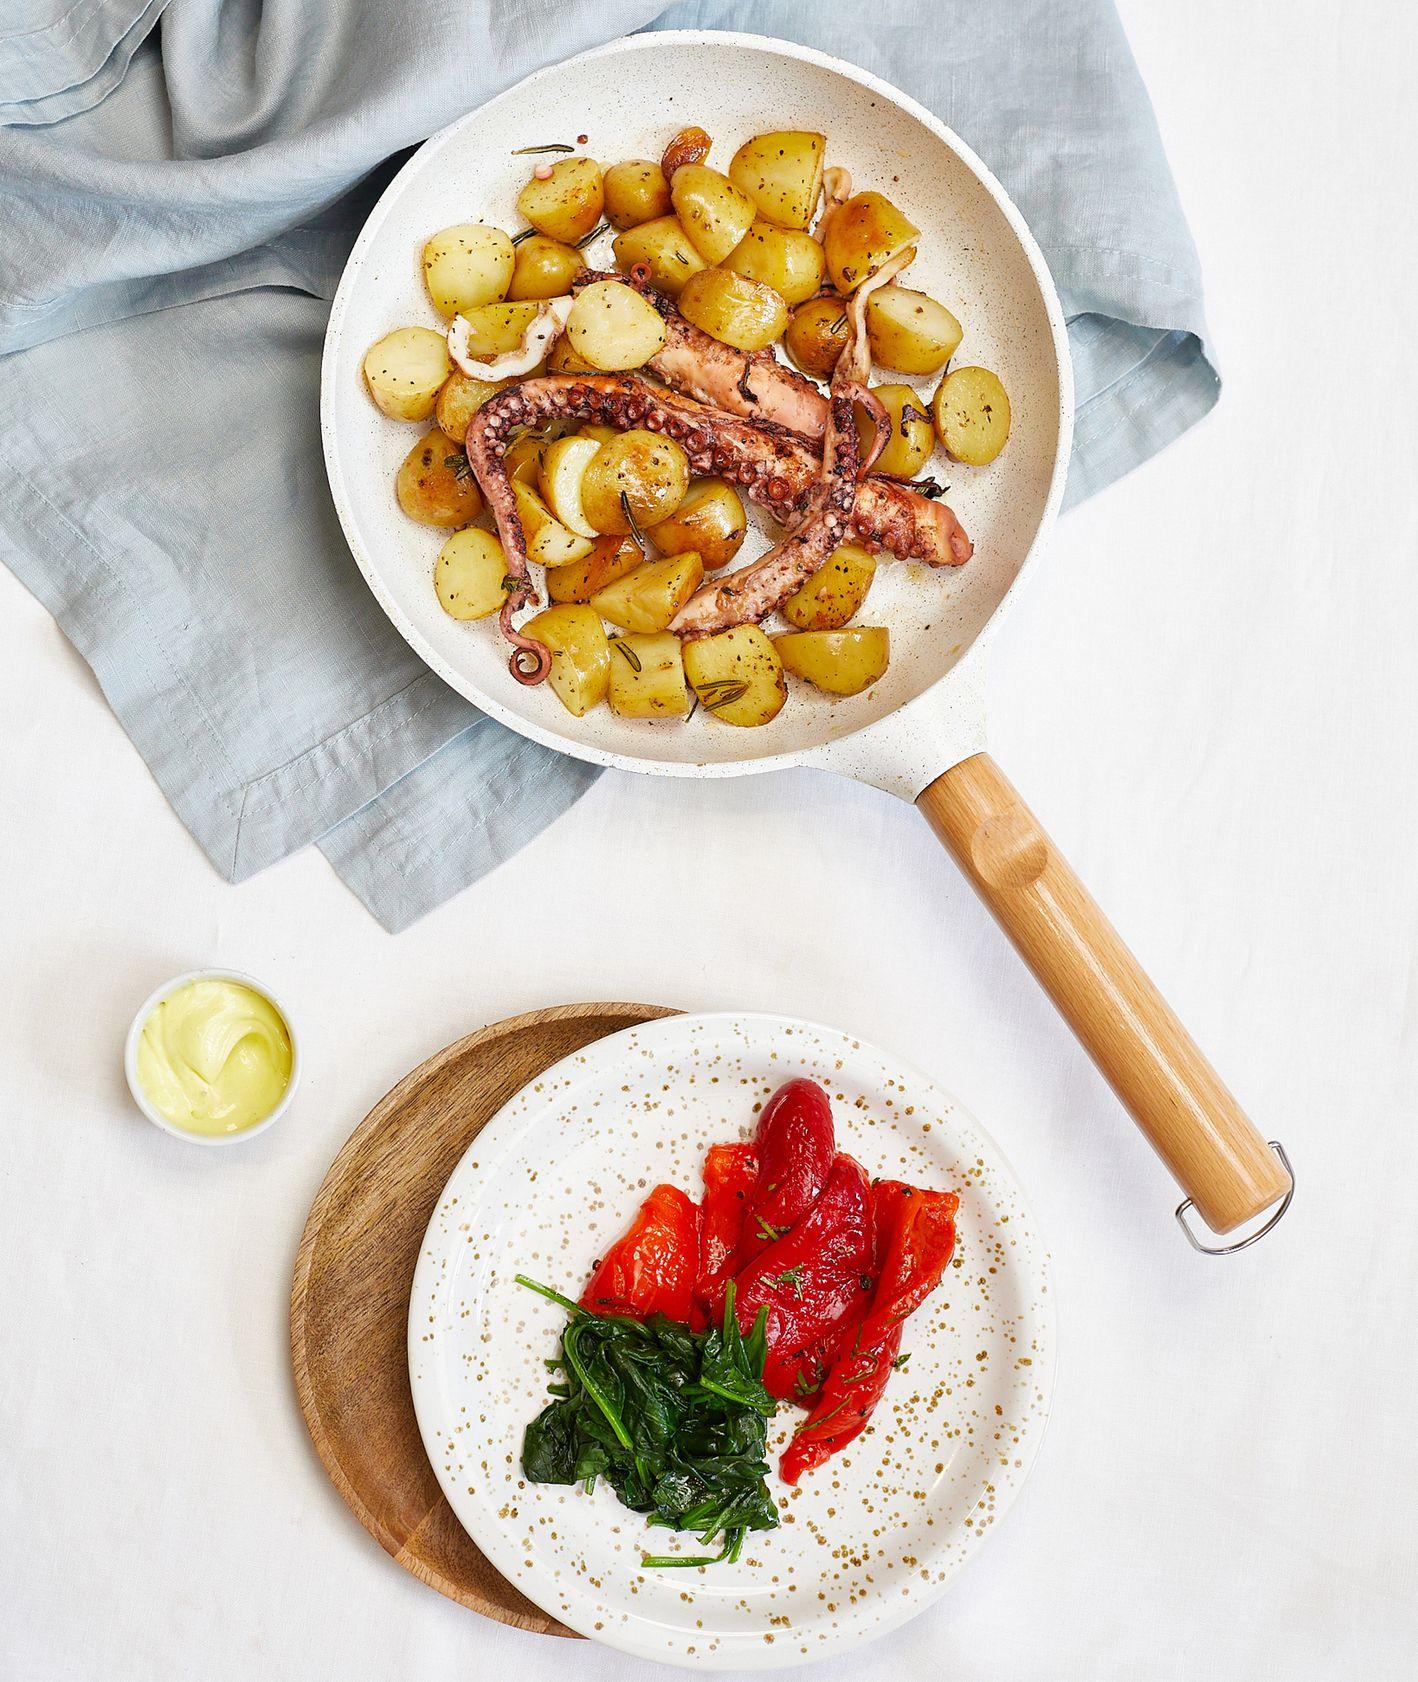 Przepis – ośmiornica z ziemniakami, jak przyrządzić ośmiornicę (fot. Maciek Niemojewski)